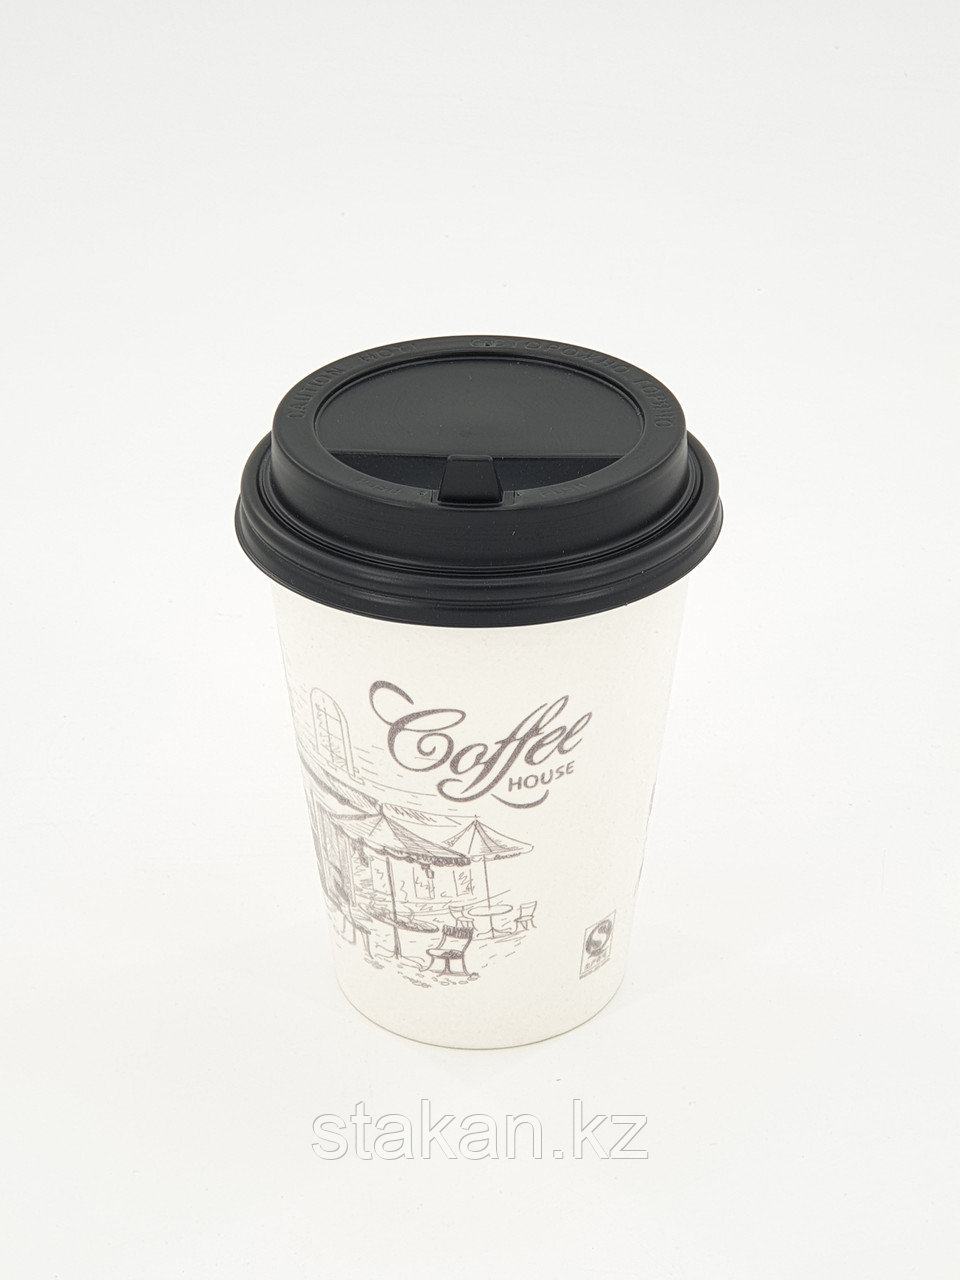 Бумажные стаканы (350мл, Coffee House, Белый, однослойный, матерчатый) НОВИНКА!!!